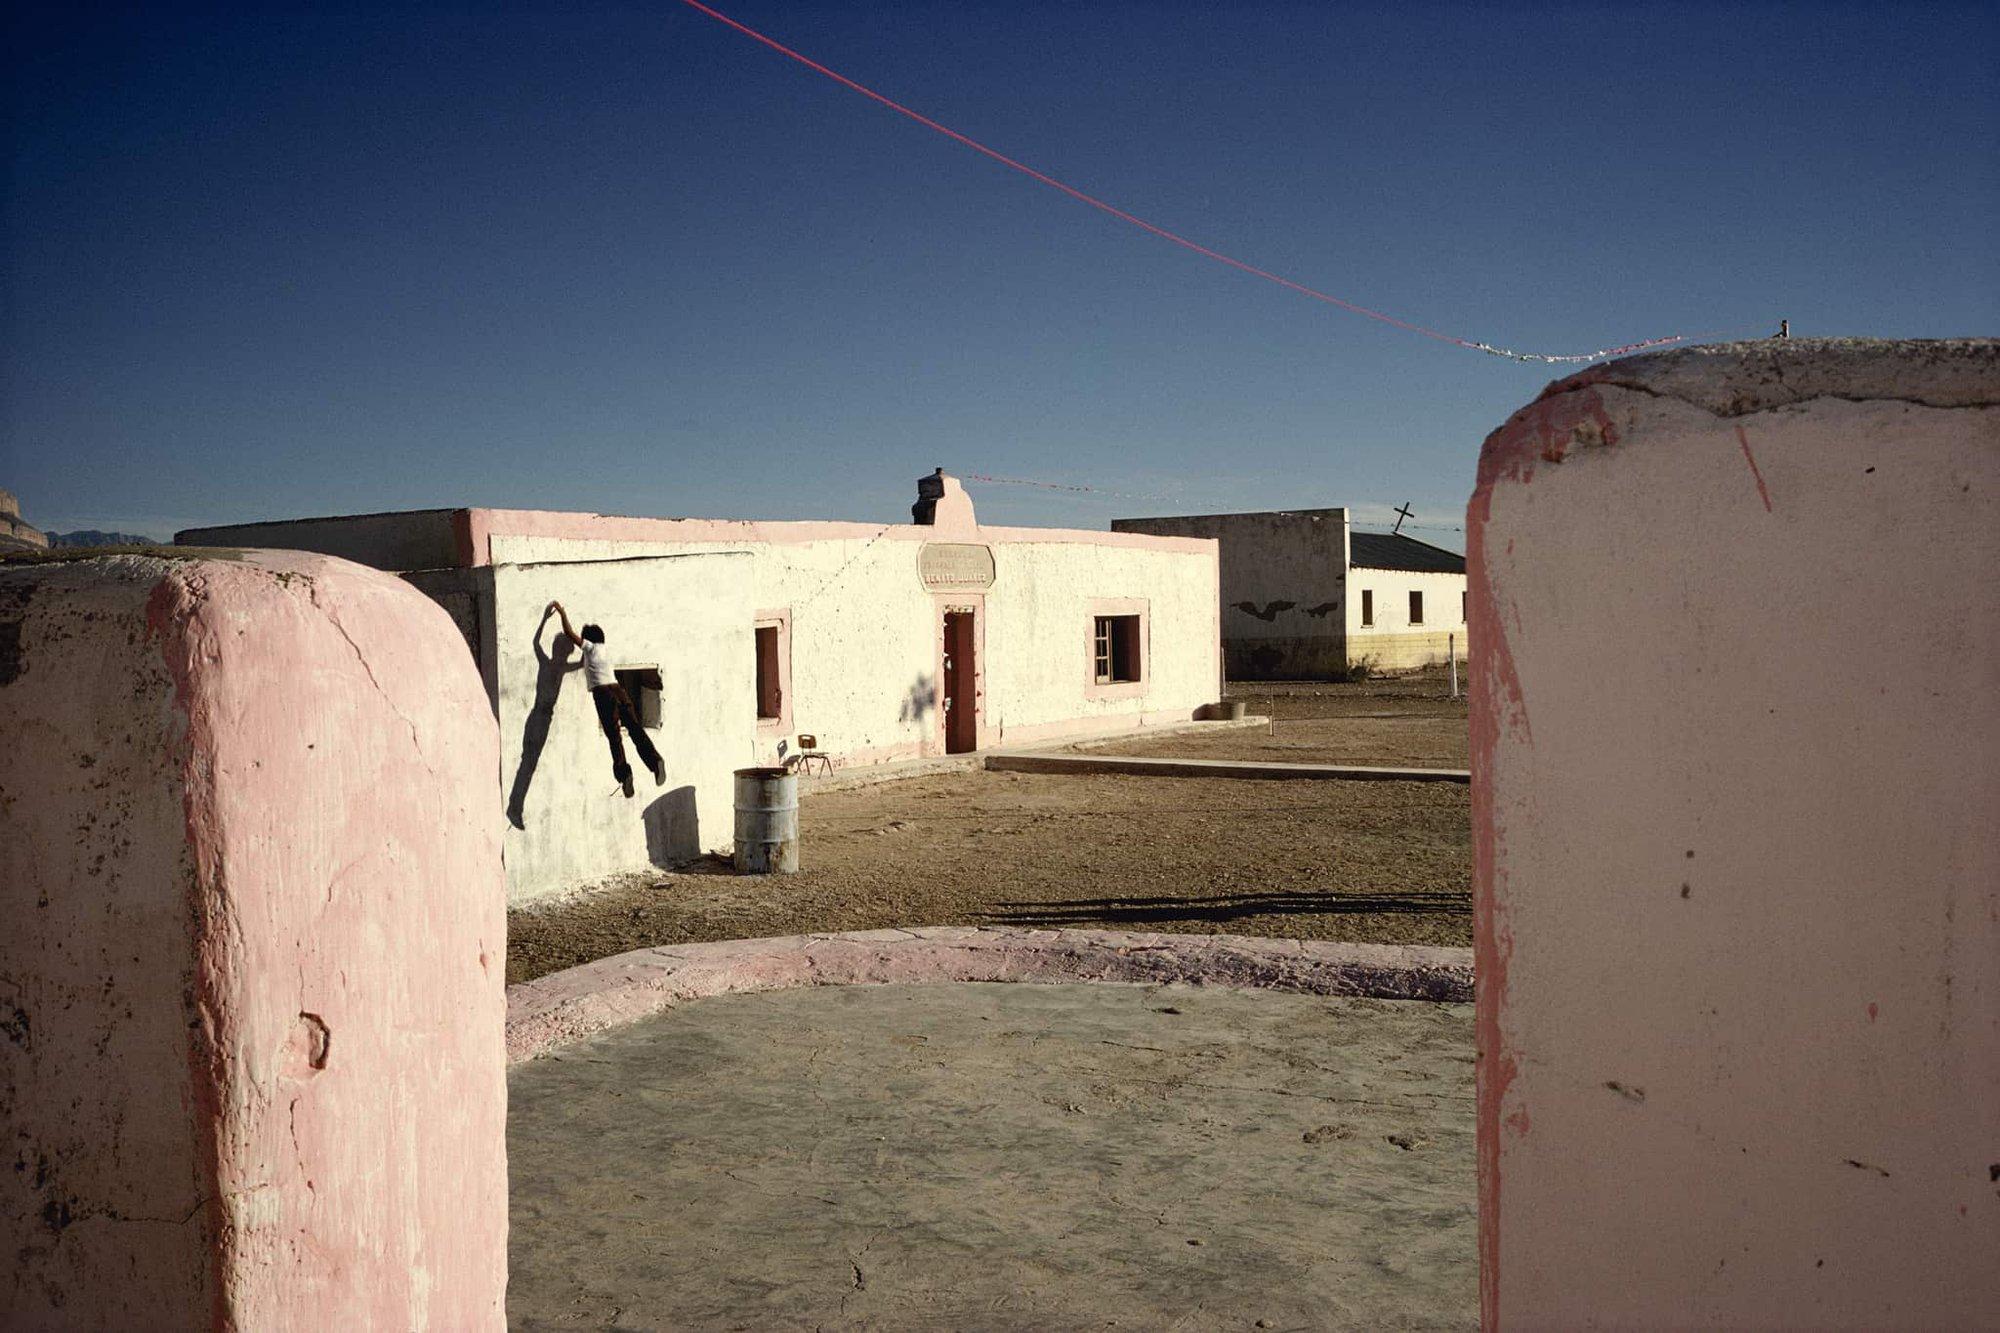 专访玛格南摄影师Alex Webb 狂热色彩与复杂构图里的街头